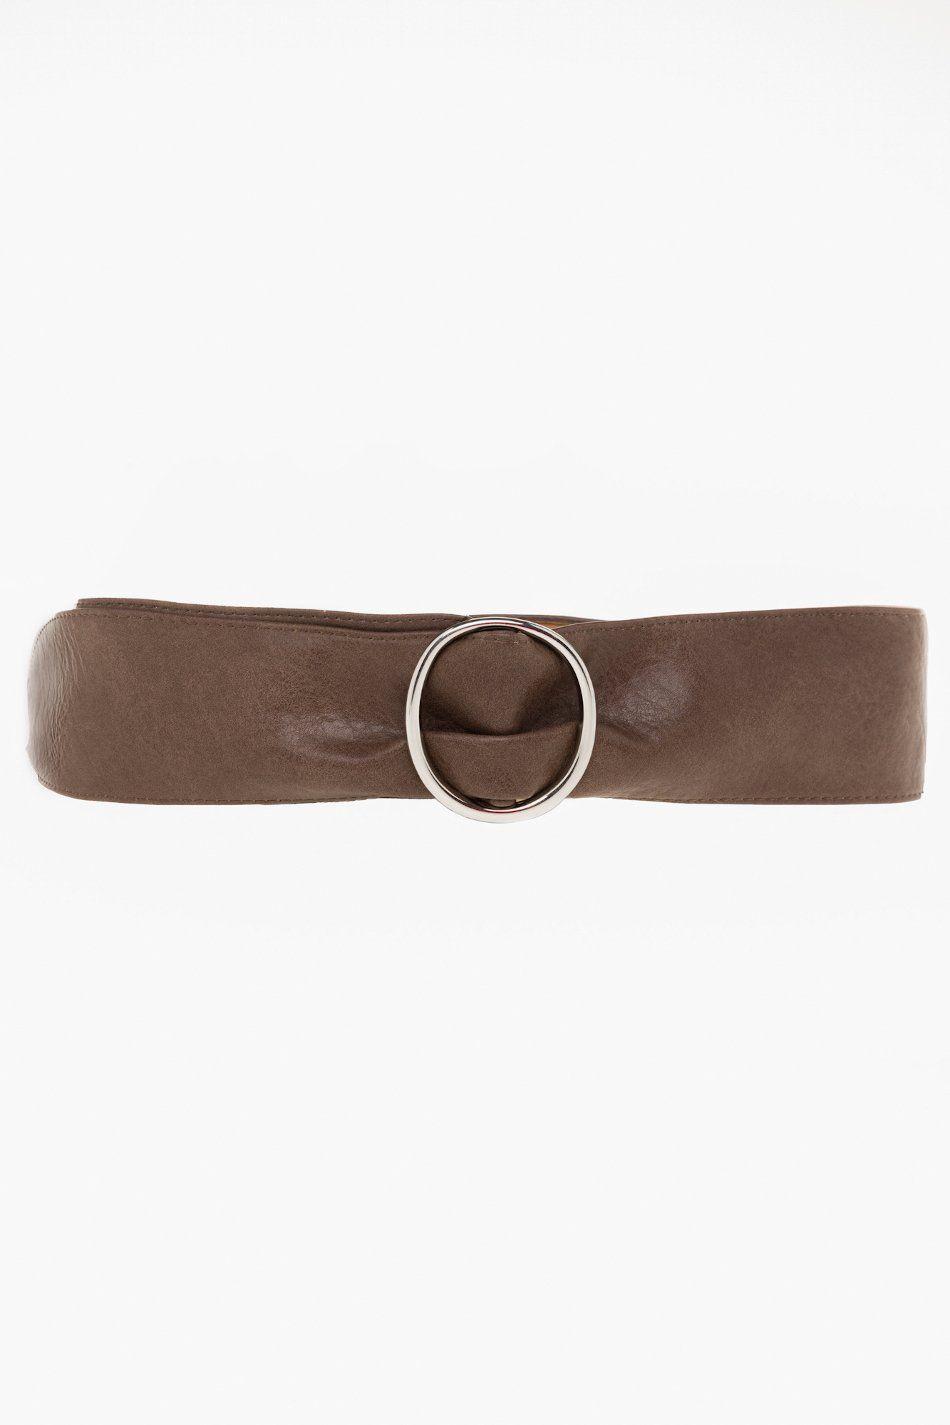 Cinturón ancho polipiel